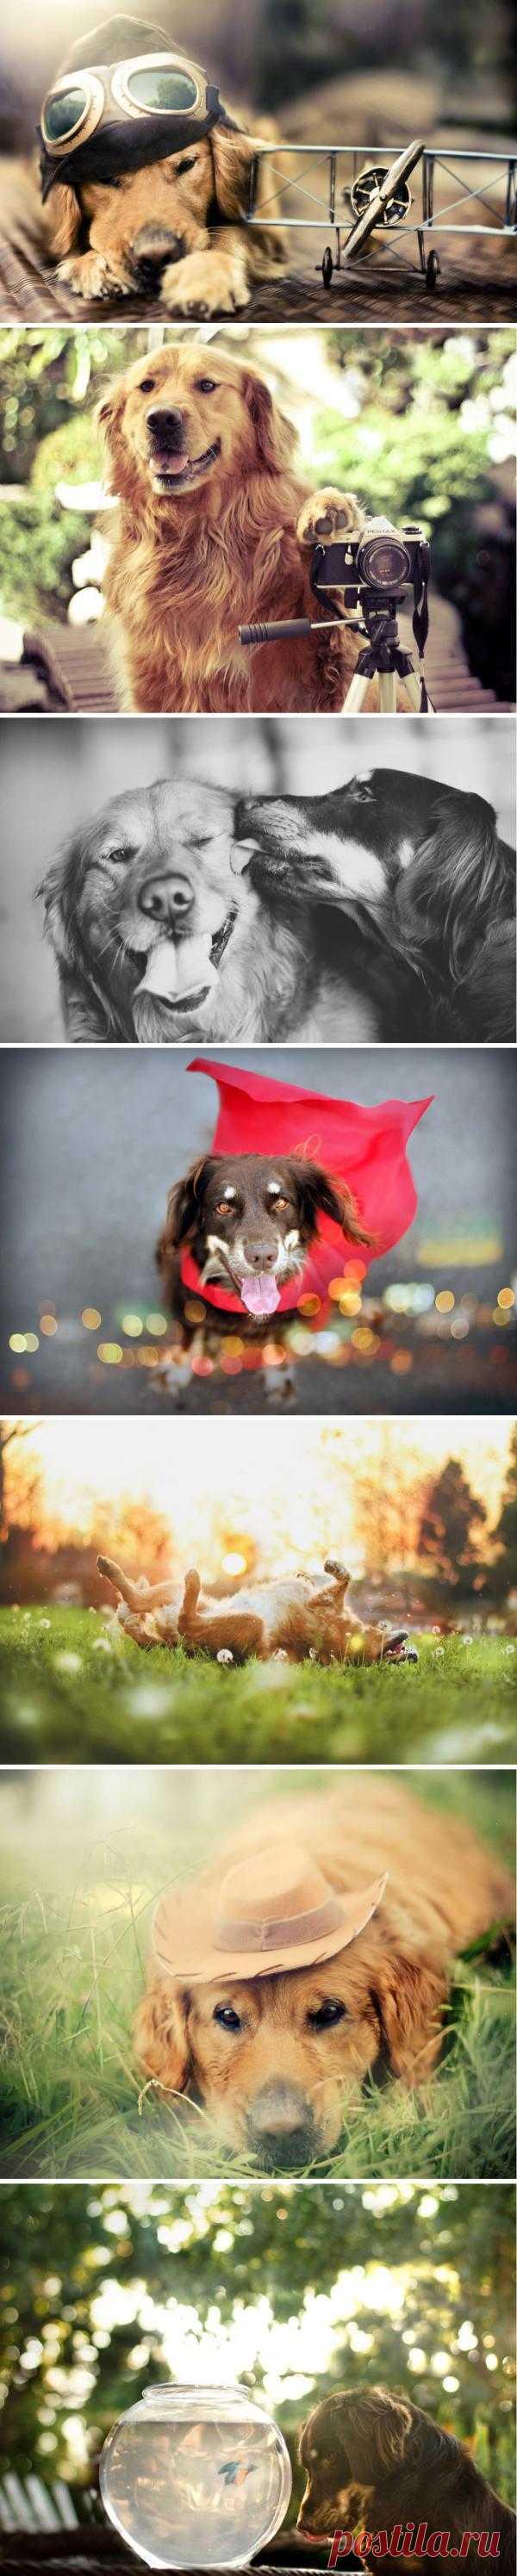 Удивительные портреты собак от Джессики Тринх. Джессика - начинающий фотограф, она молода и подает большие надежды. С тех пор, как в моих руках оказался фотоаппарат, я поняла, что открыла для себя новое измерение, — говорит Джессика. – измерение, в котором можно расширить свое воображение и бежать бесконечно.